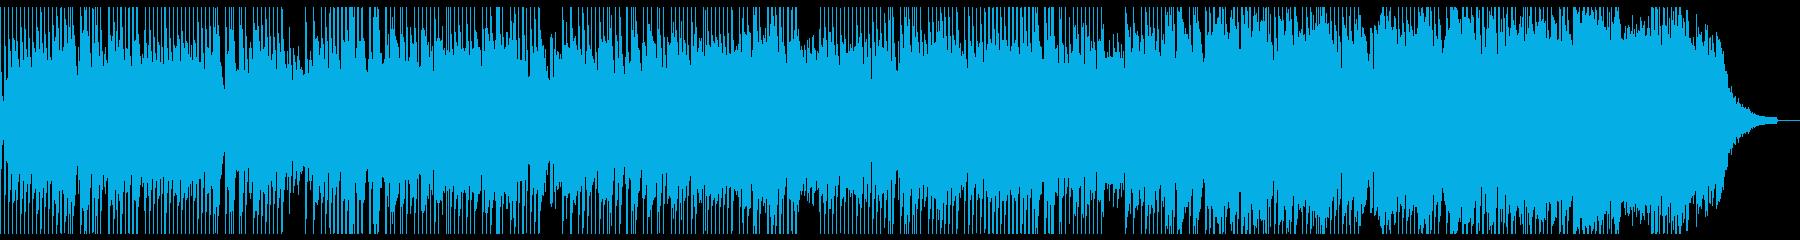 沖縄民謡 安里屋ユンタ(太鼓なしver)の再生済みの波形